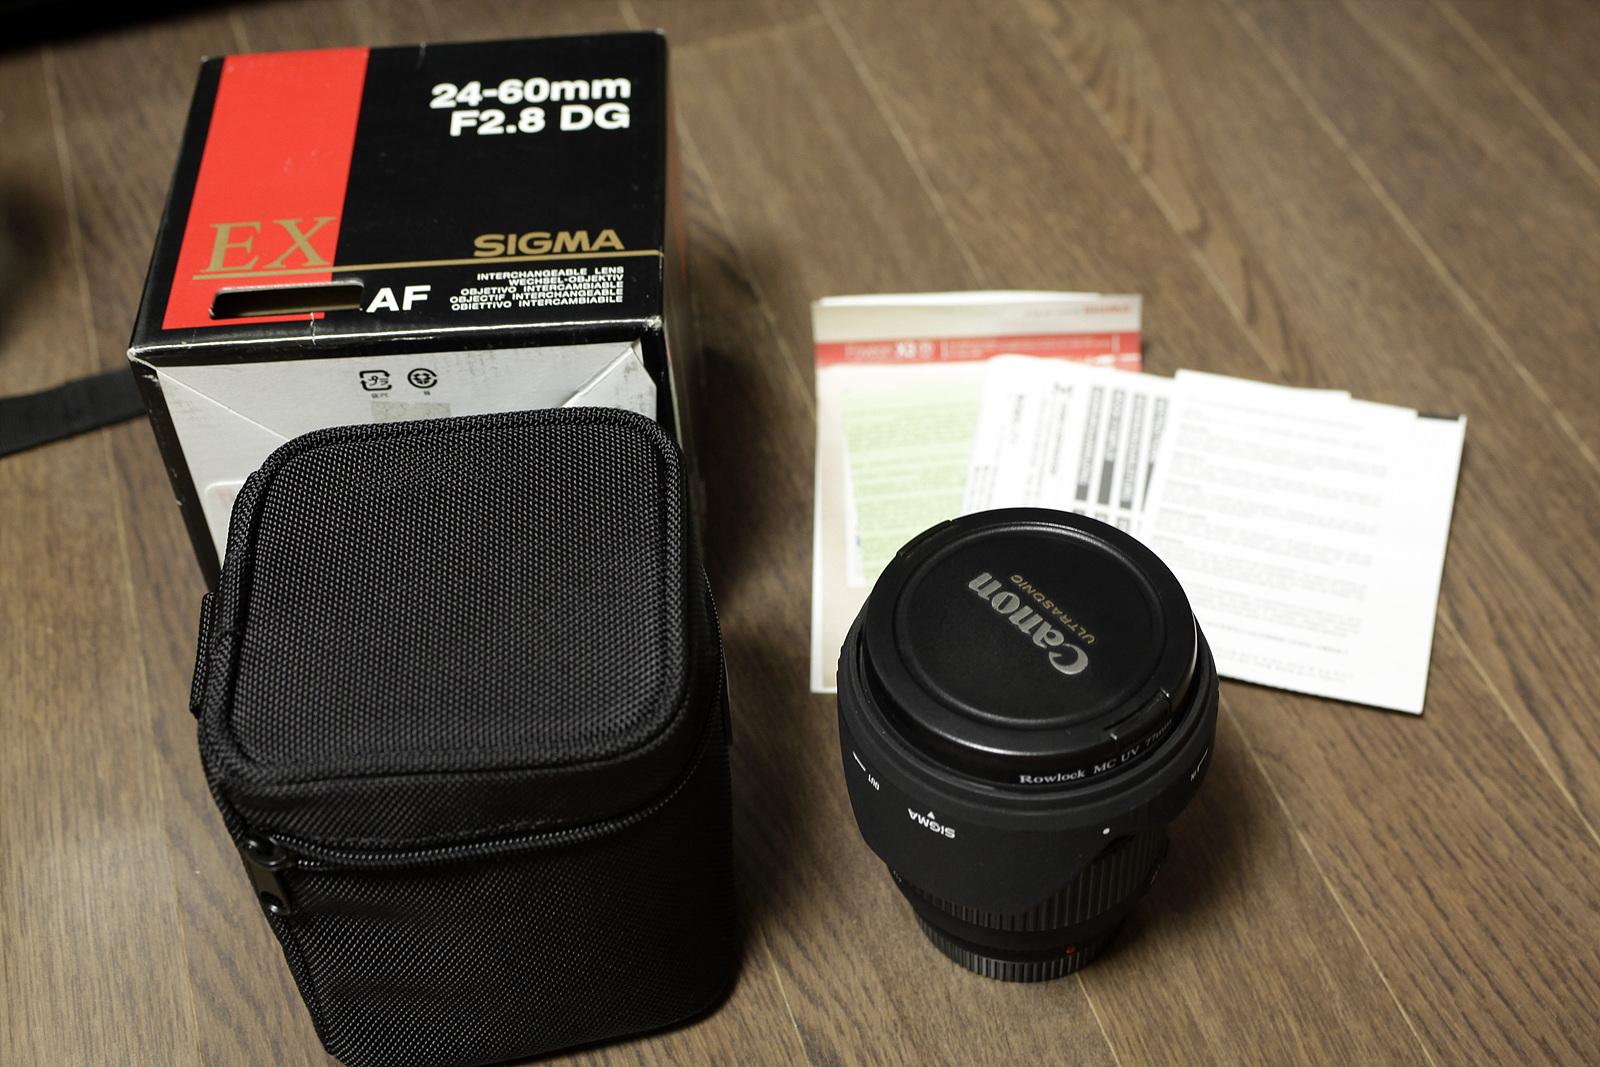 시그마 24-60mm F2.8 DG